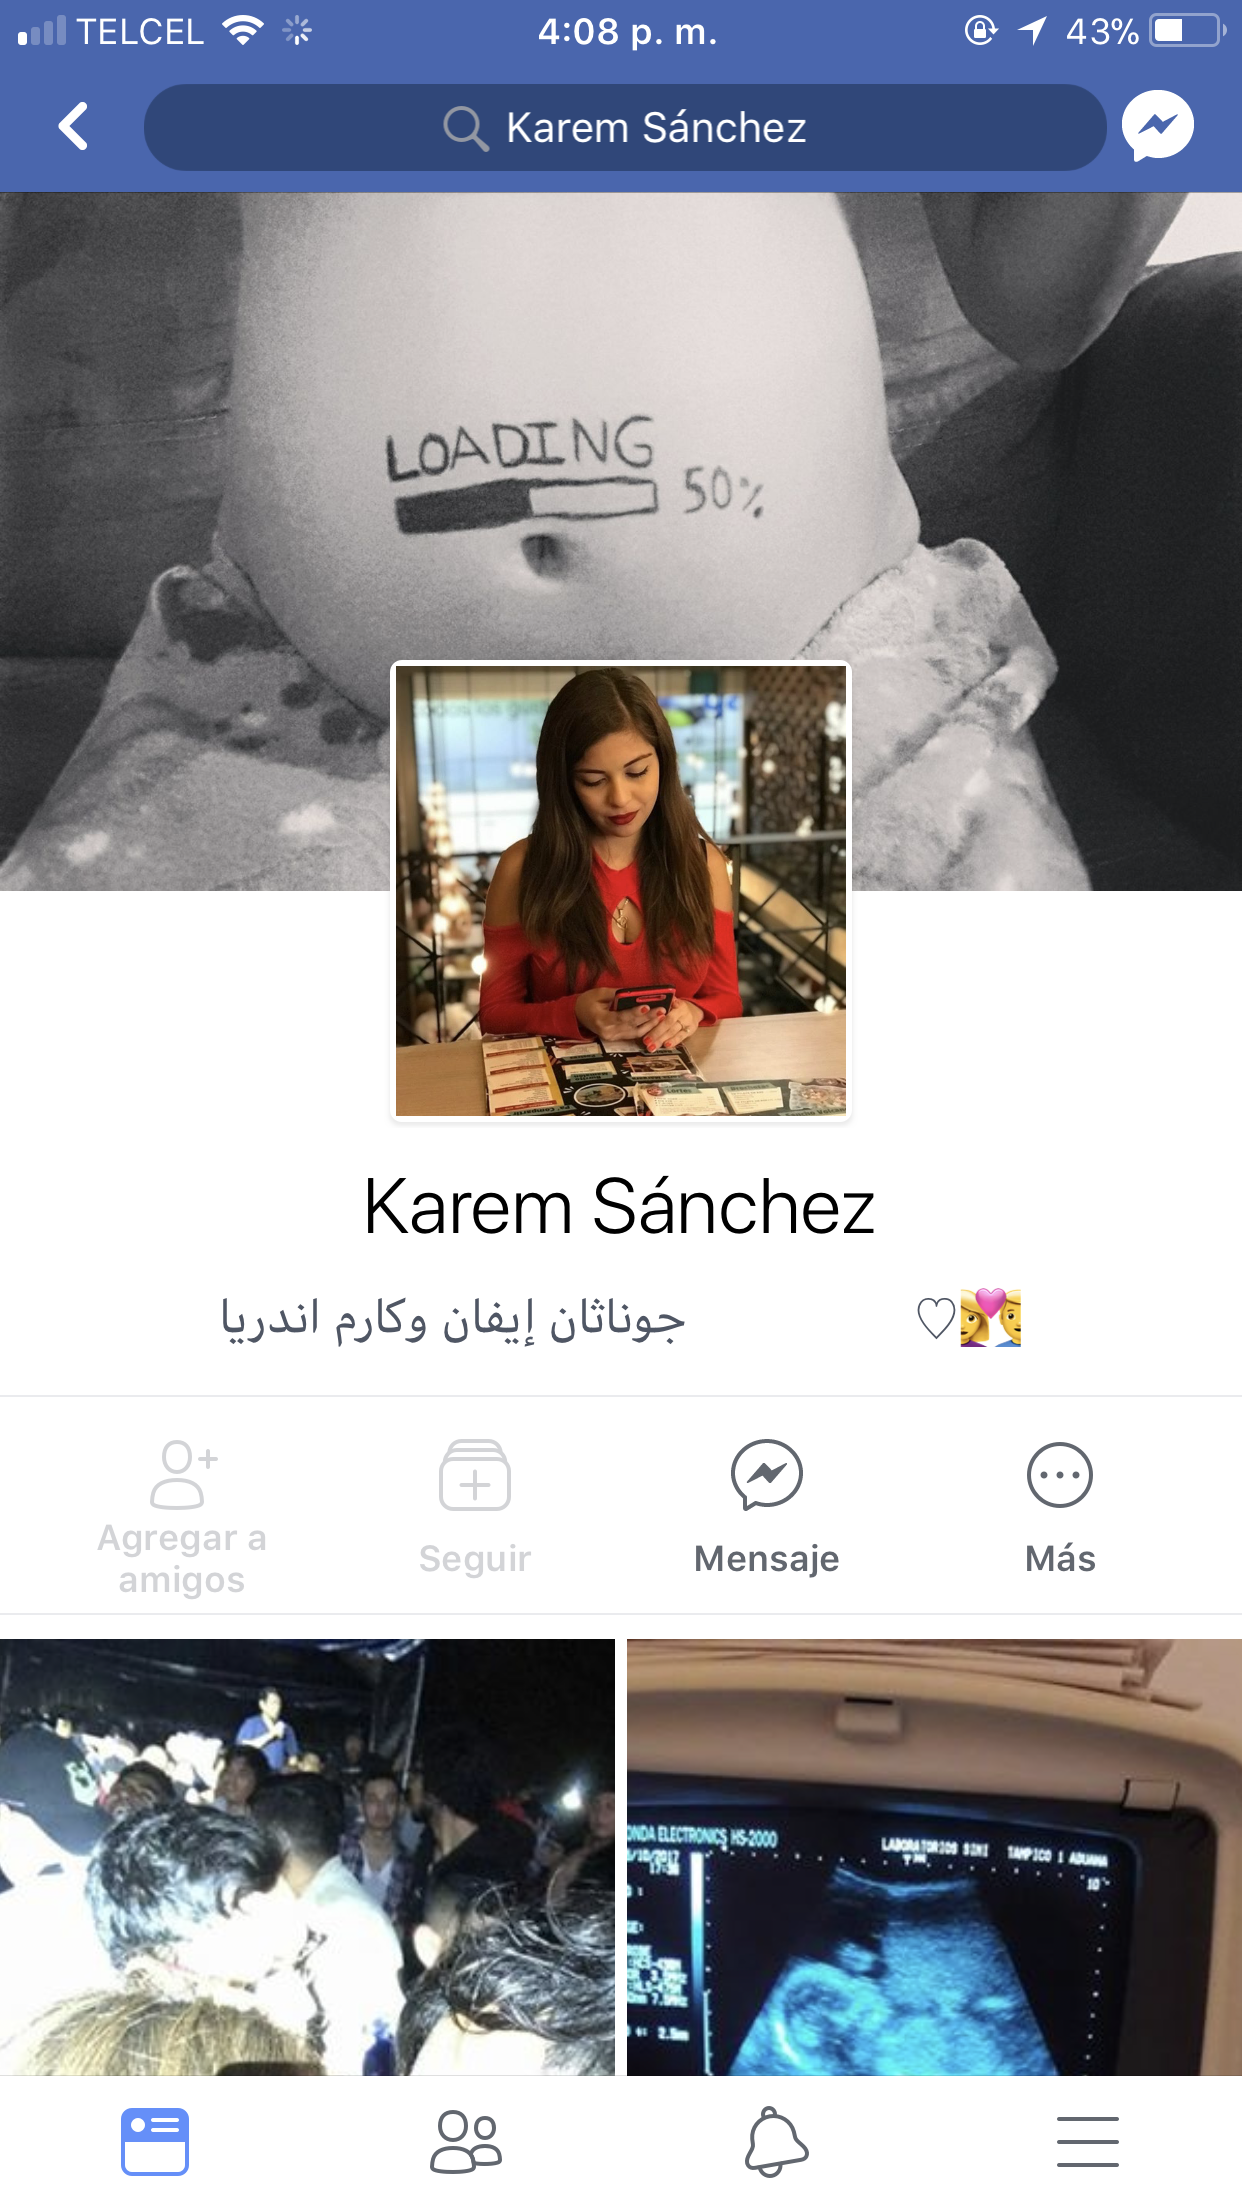 Karen Sanchez. Flaca tetona con sus nudes expuestos. 1